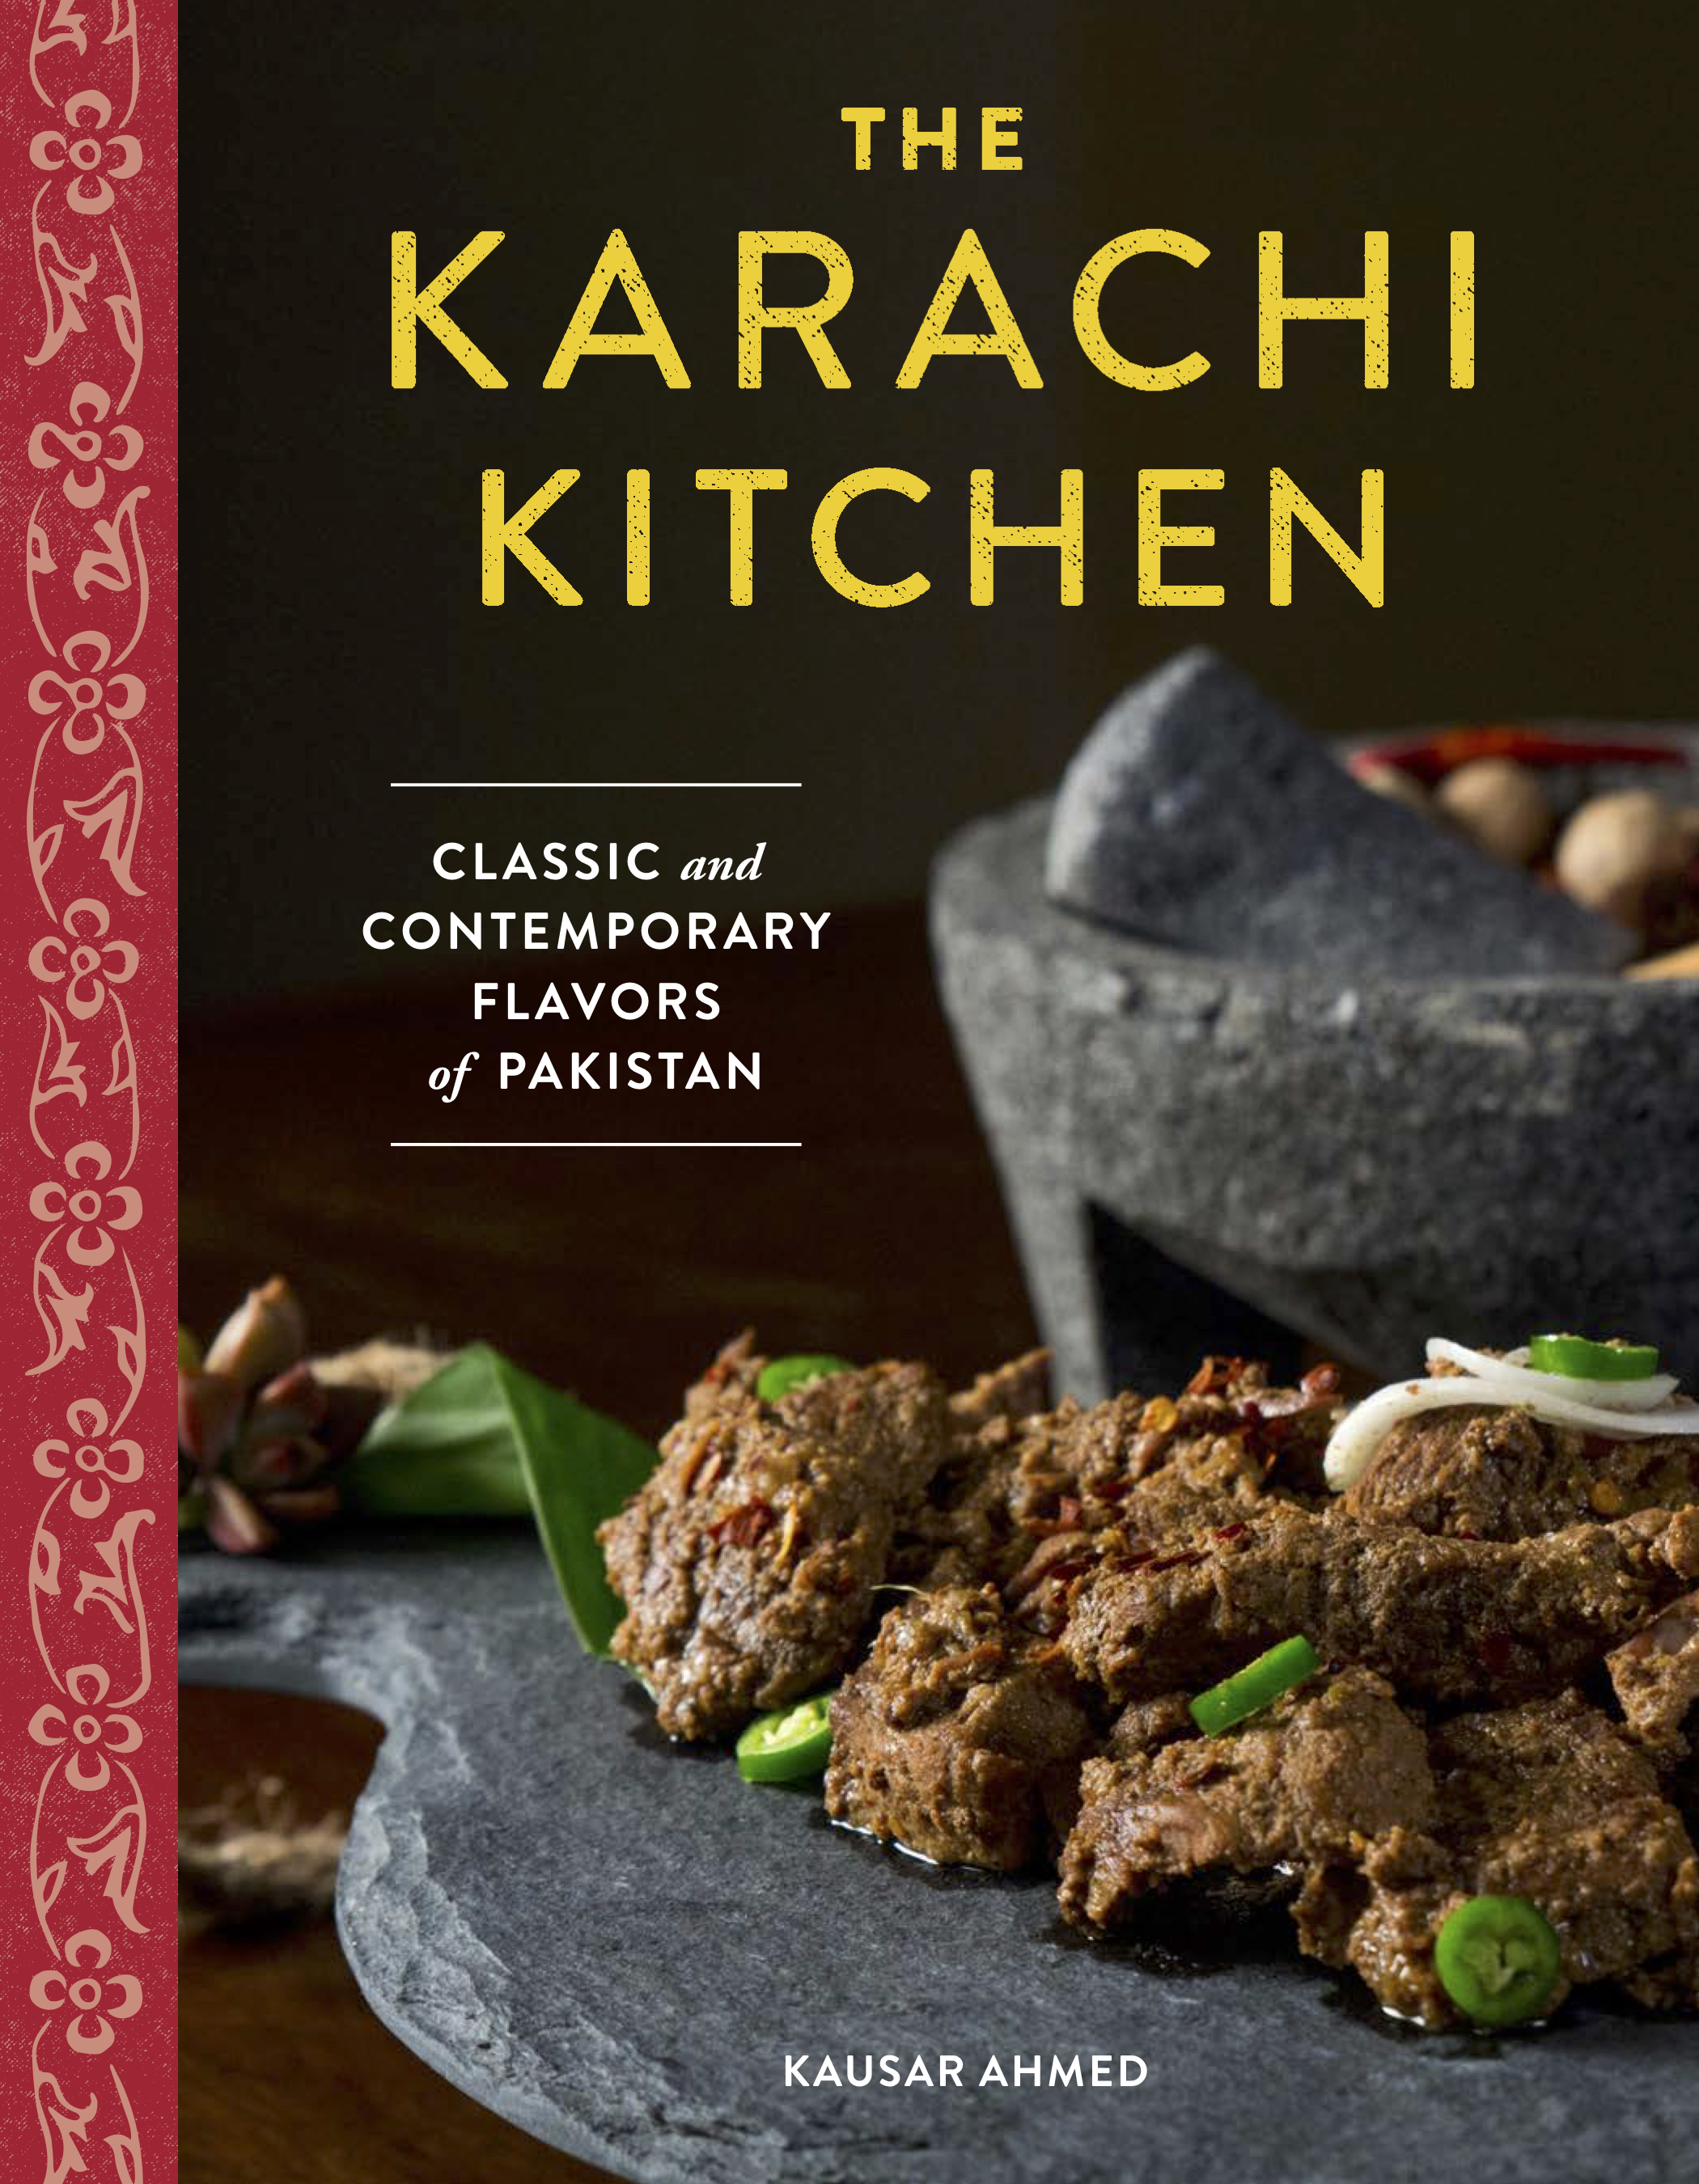 KarachiKitchen_cover_withspine.jpg